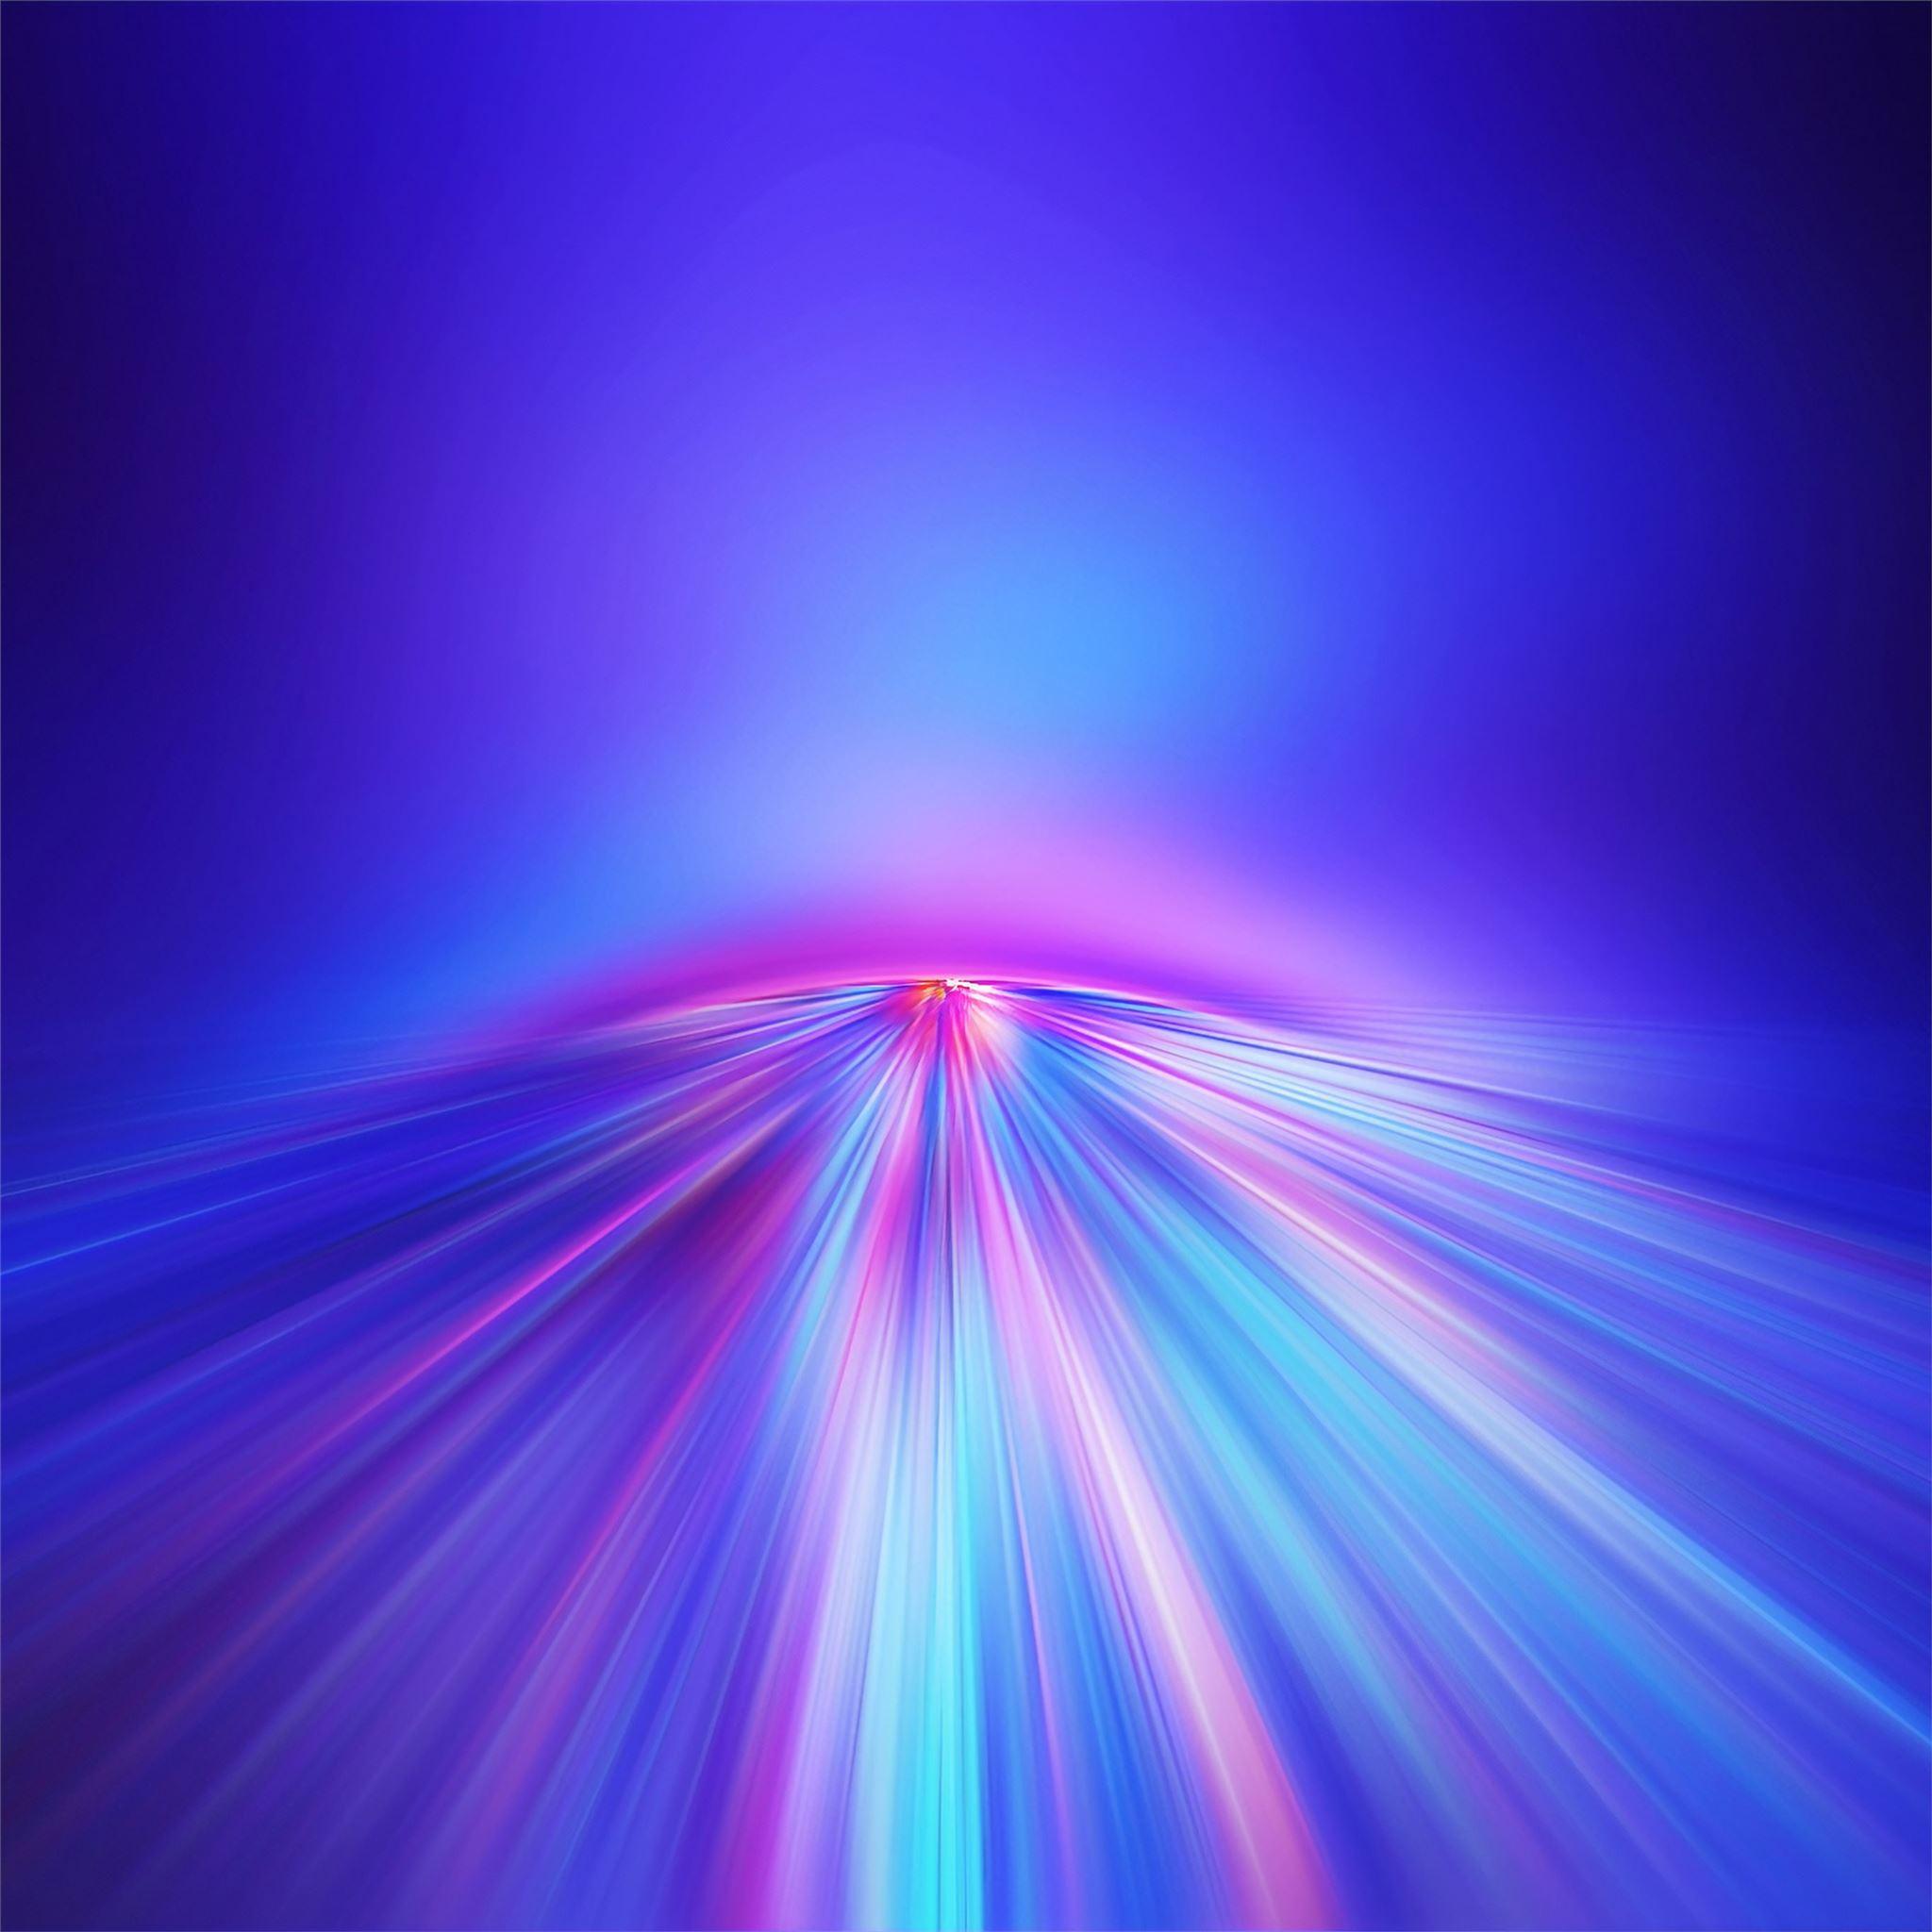 gradient lines pink 4k iPad Pro ...